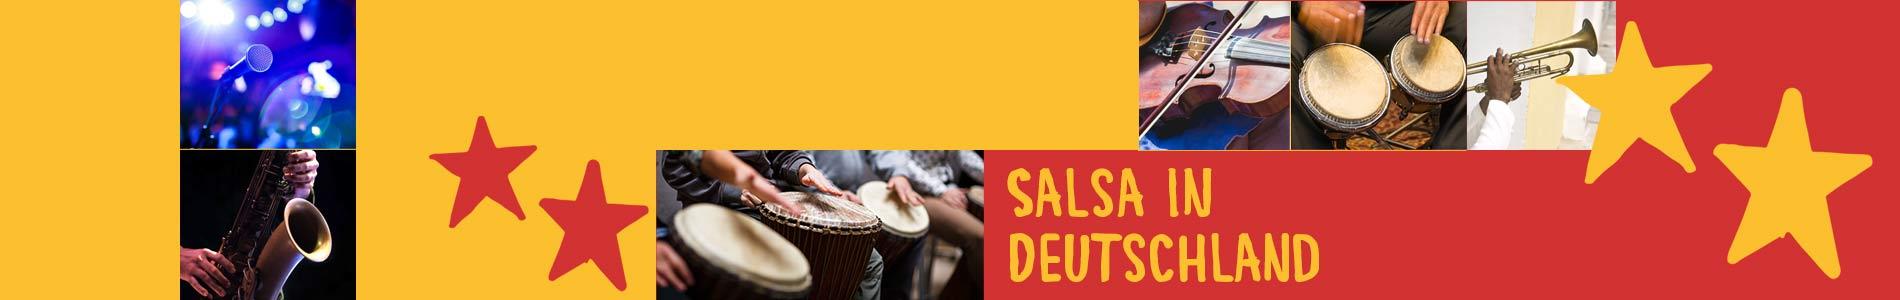 Salsa in Deisenhausen – Salsa lernen und tanzen, Tanzkurse, Partys, Veranstaltungen